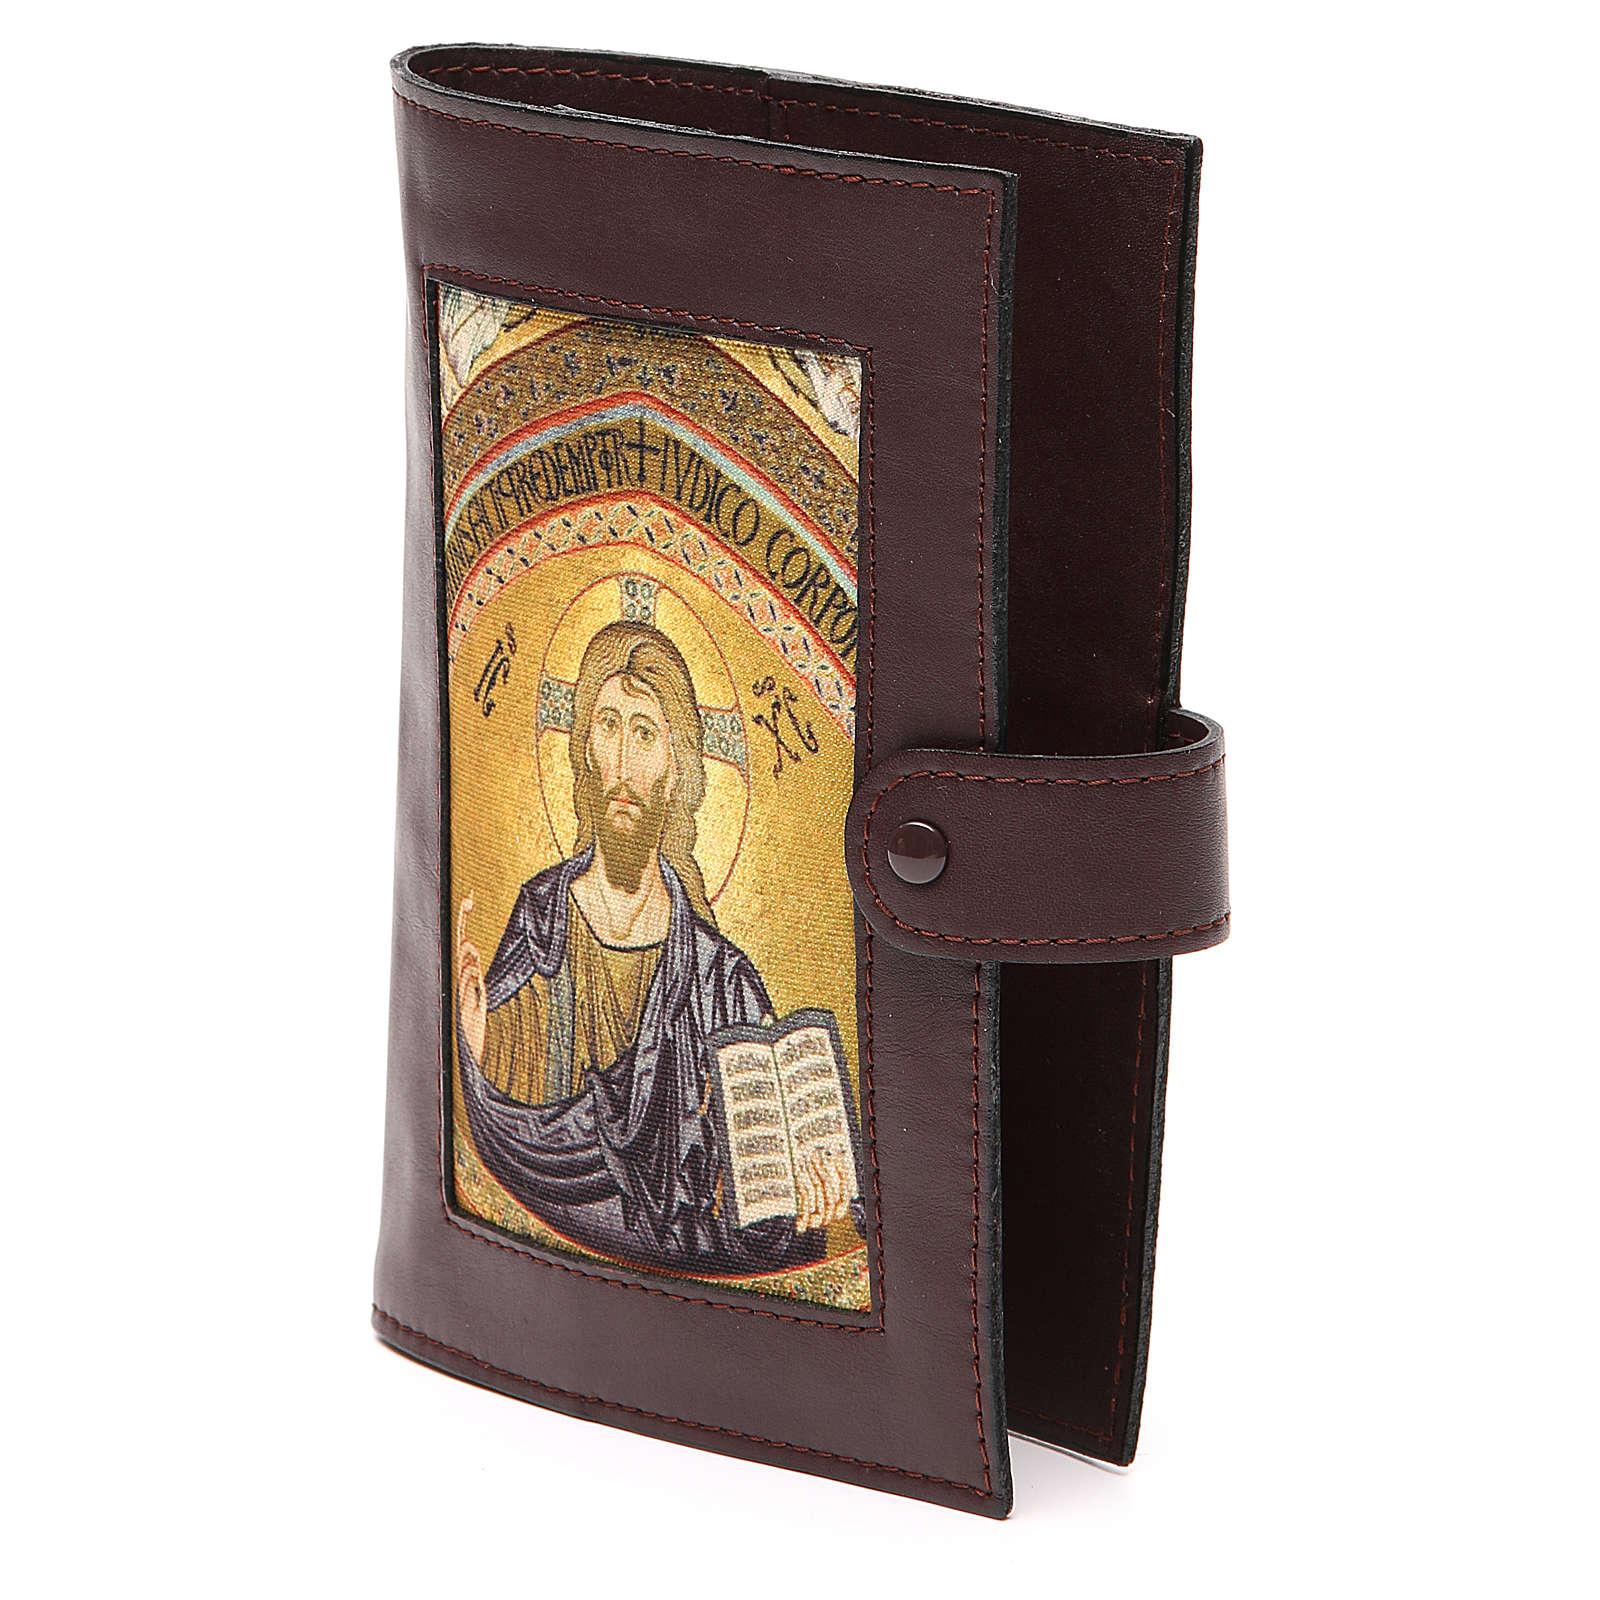 Couv. Lit. Heures 4 vol. cuir brun foncé Christ 4